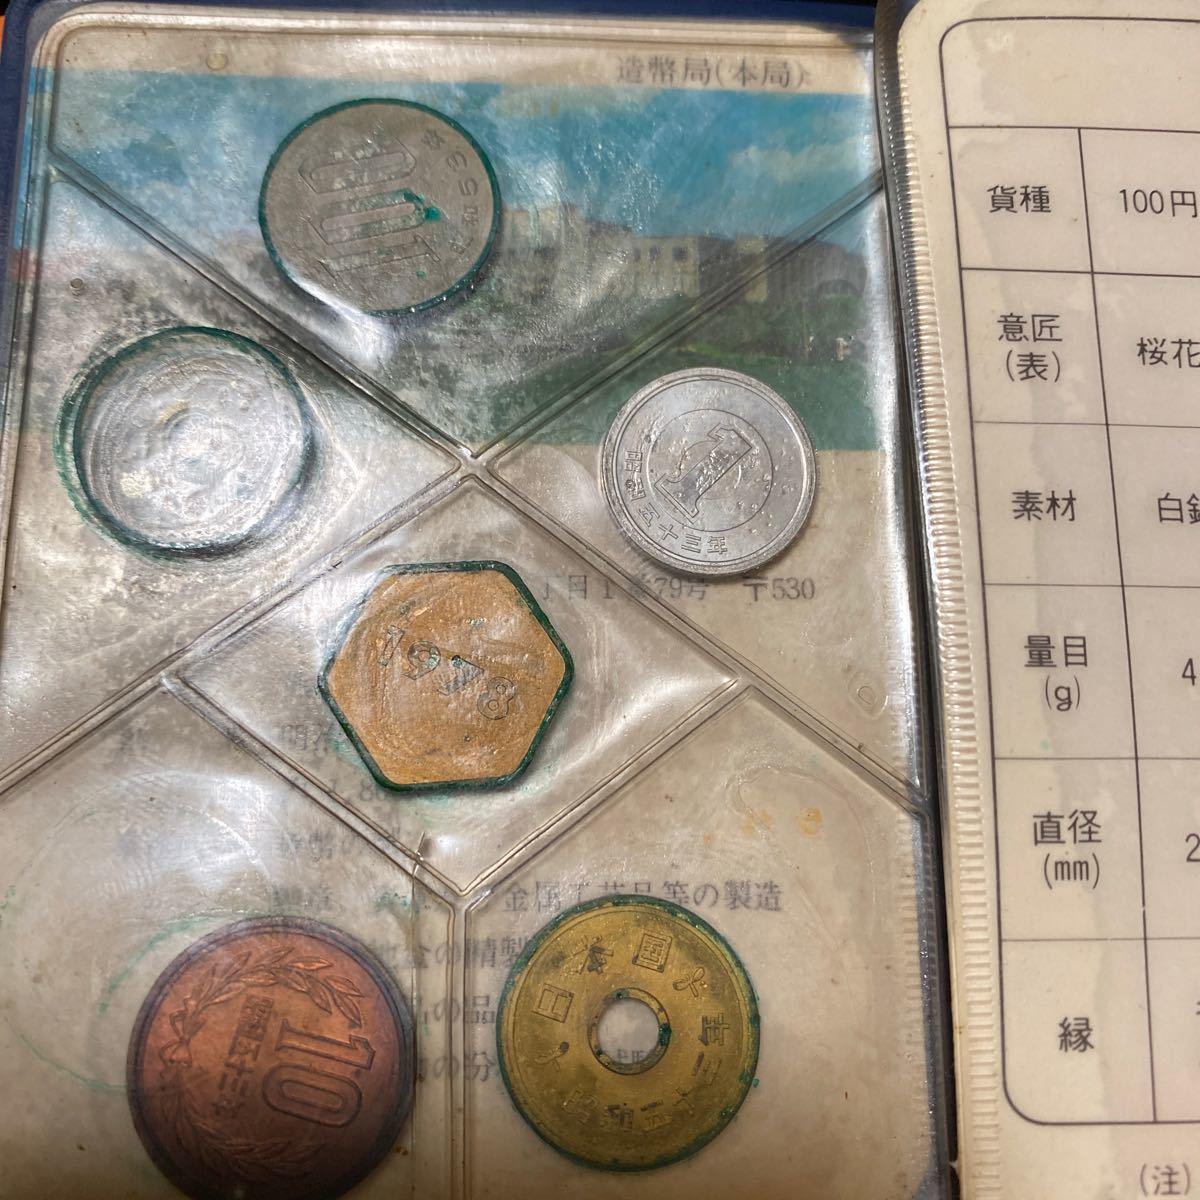 貨幣セット 昭和52年53年55年56年ミントコインです。(ゆうパック着払い)_画像9